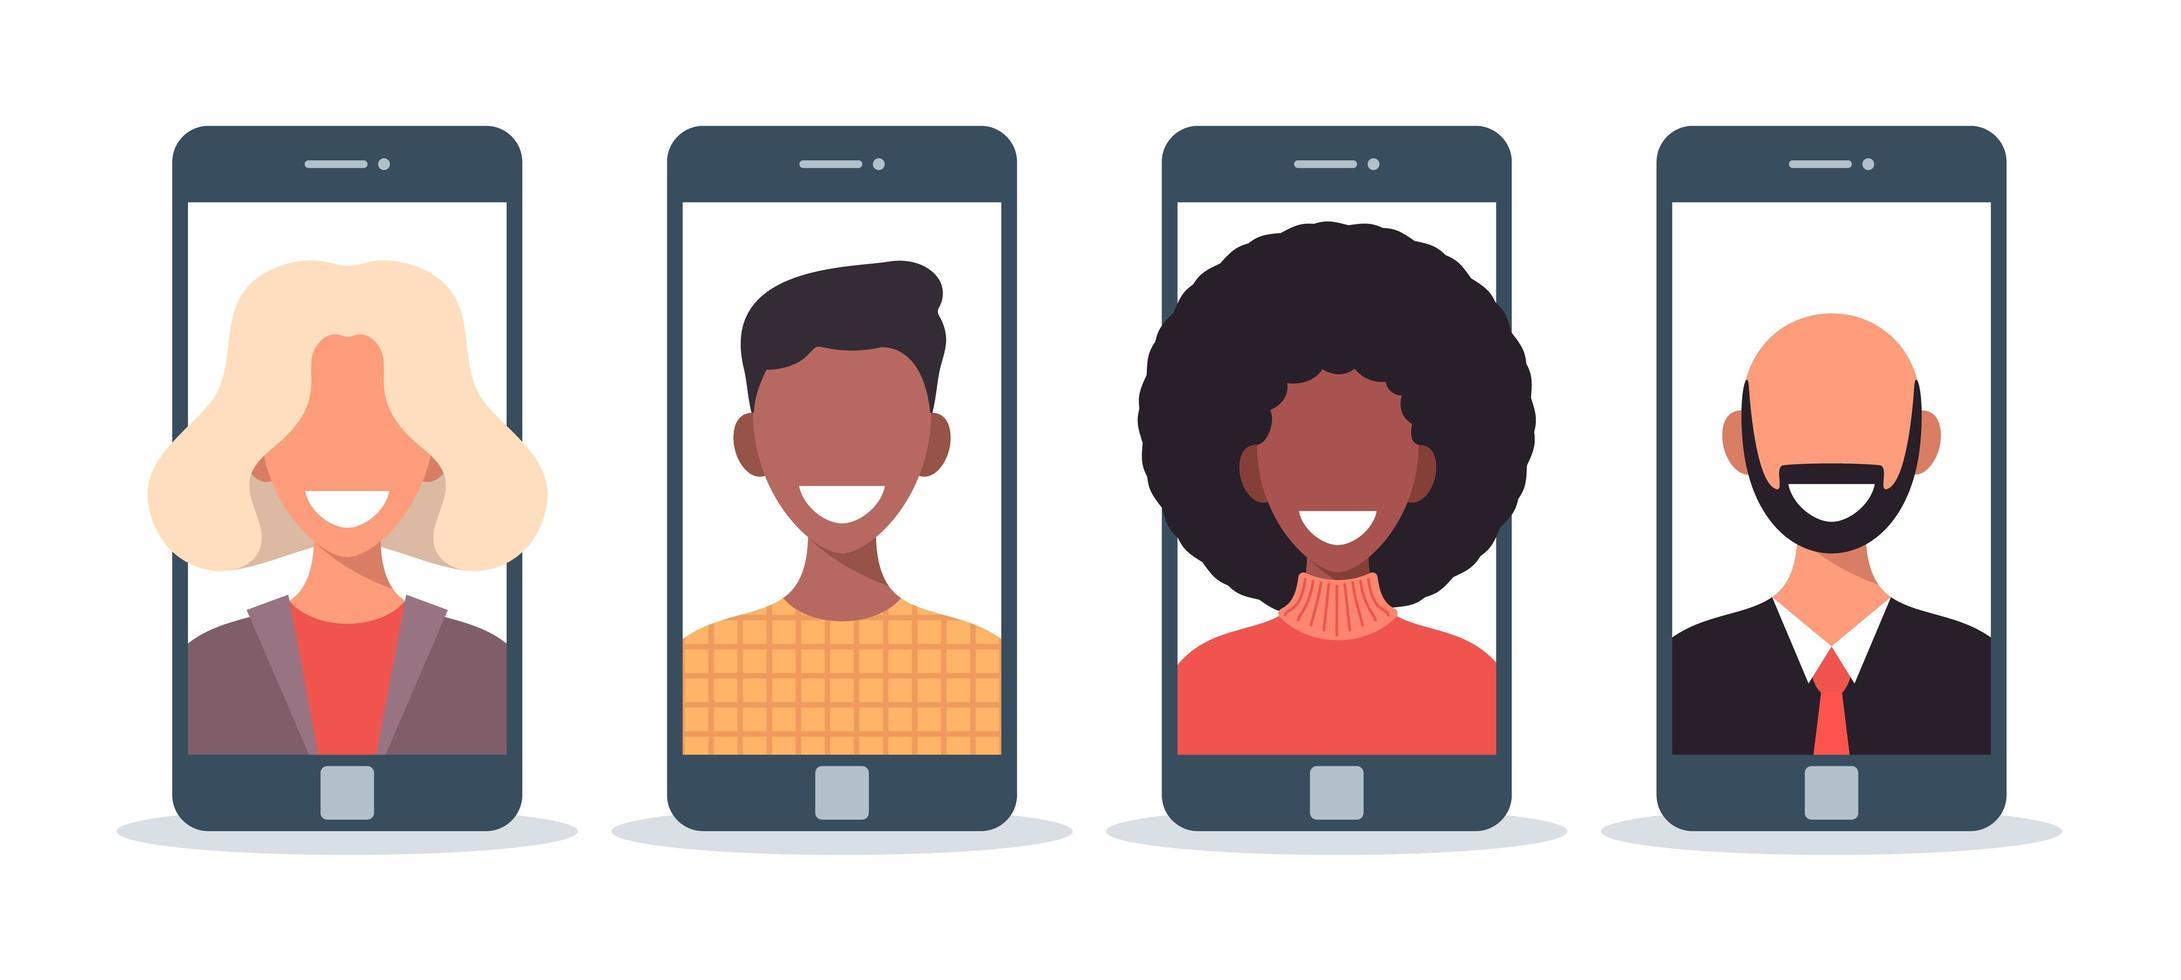 vrienden chatten online platte vectorillustratie. familieleden die smartphones gebruiken, mobiele telefoons voor videoconferenties, bellen. jongens, meisjes op telefoonscherm, display. mobiele communicatie-app vector